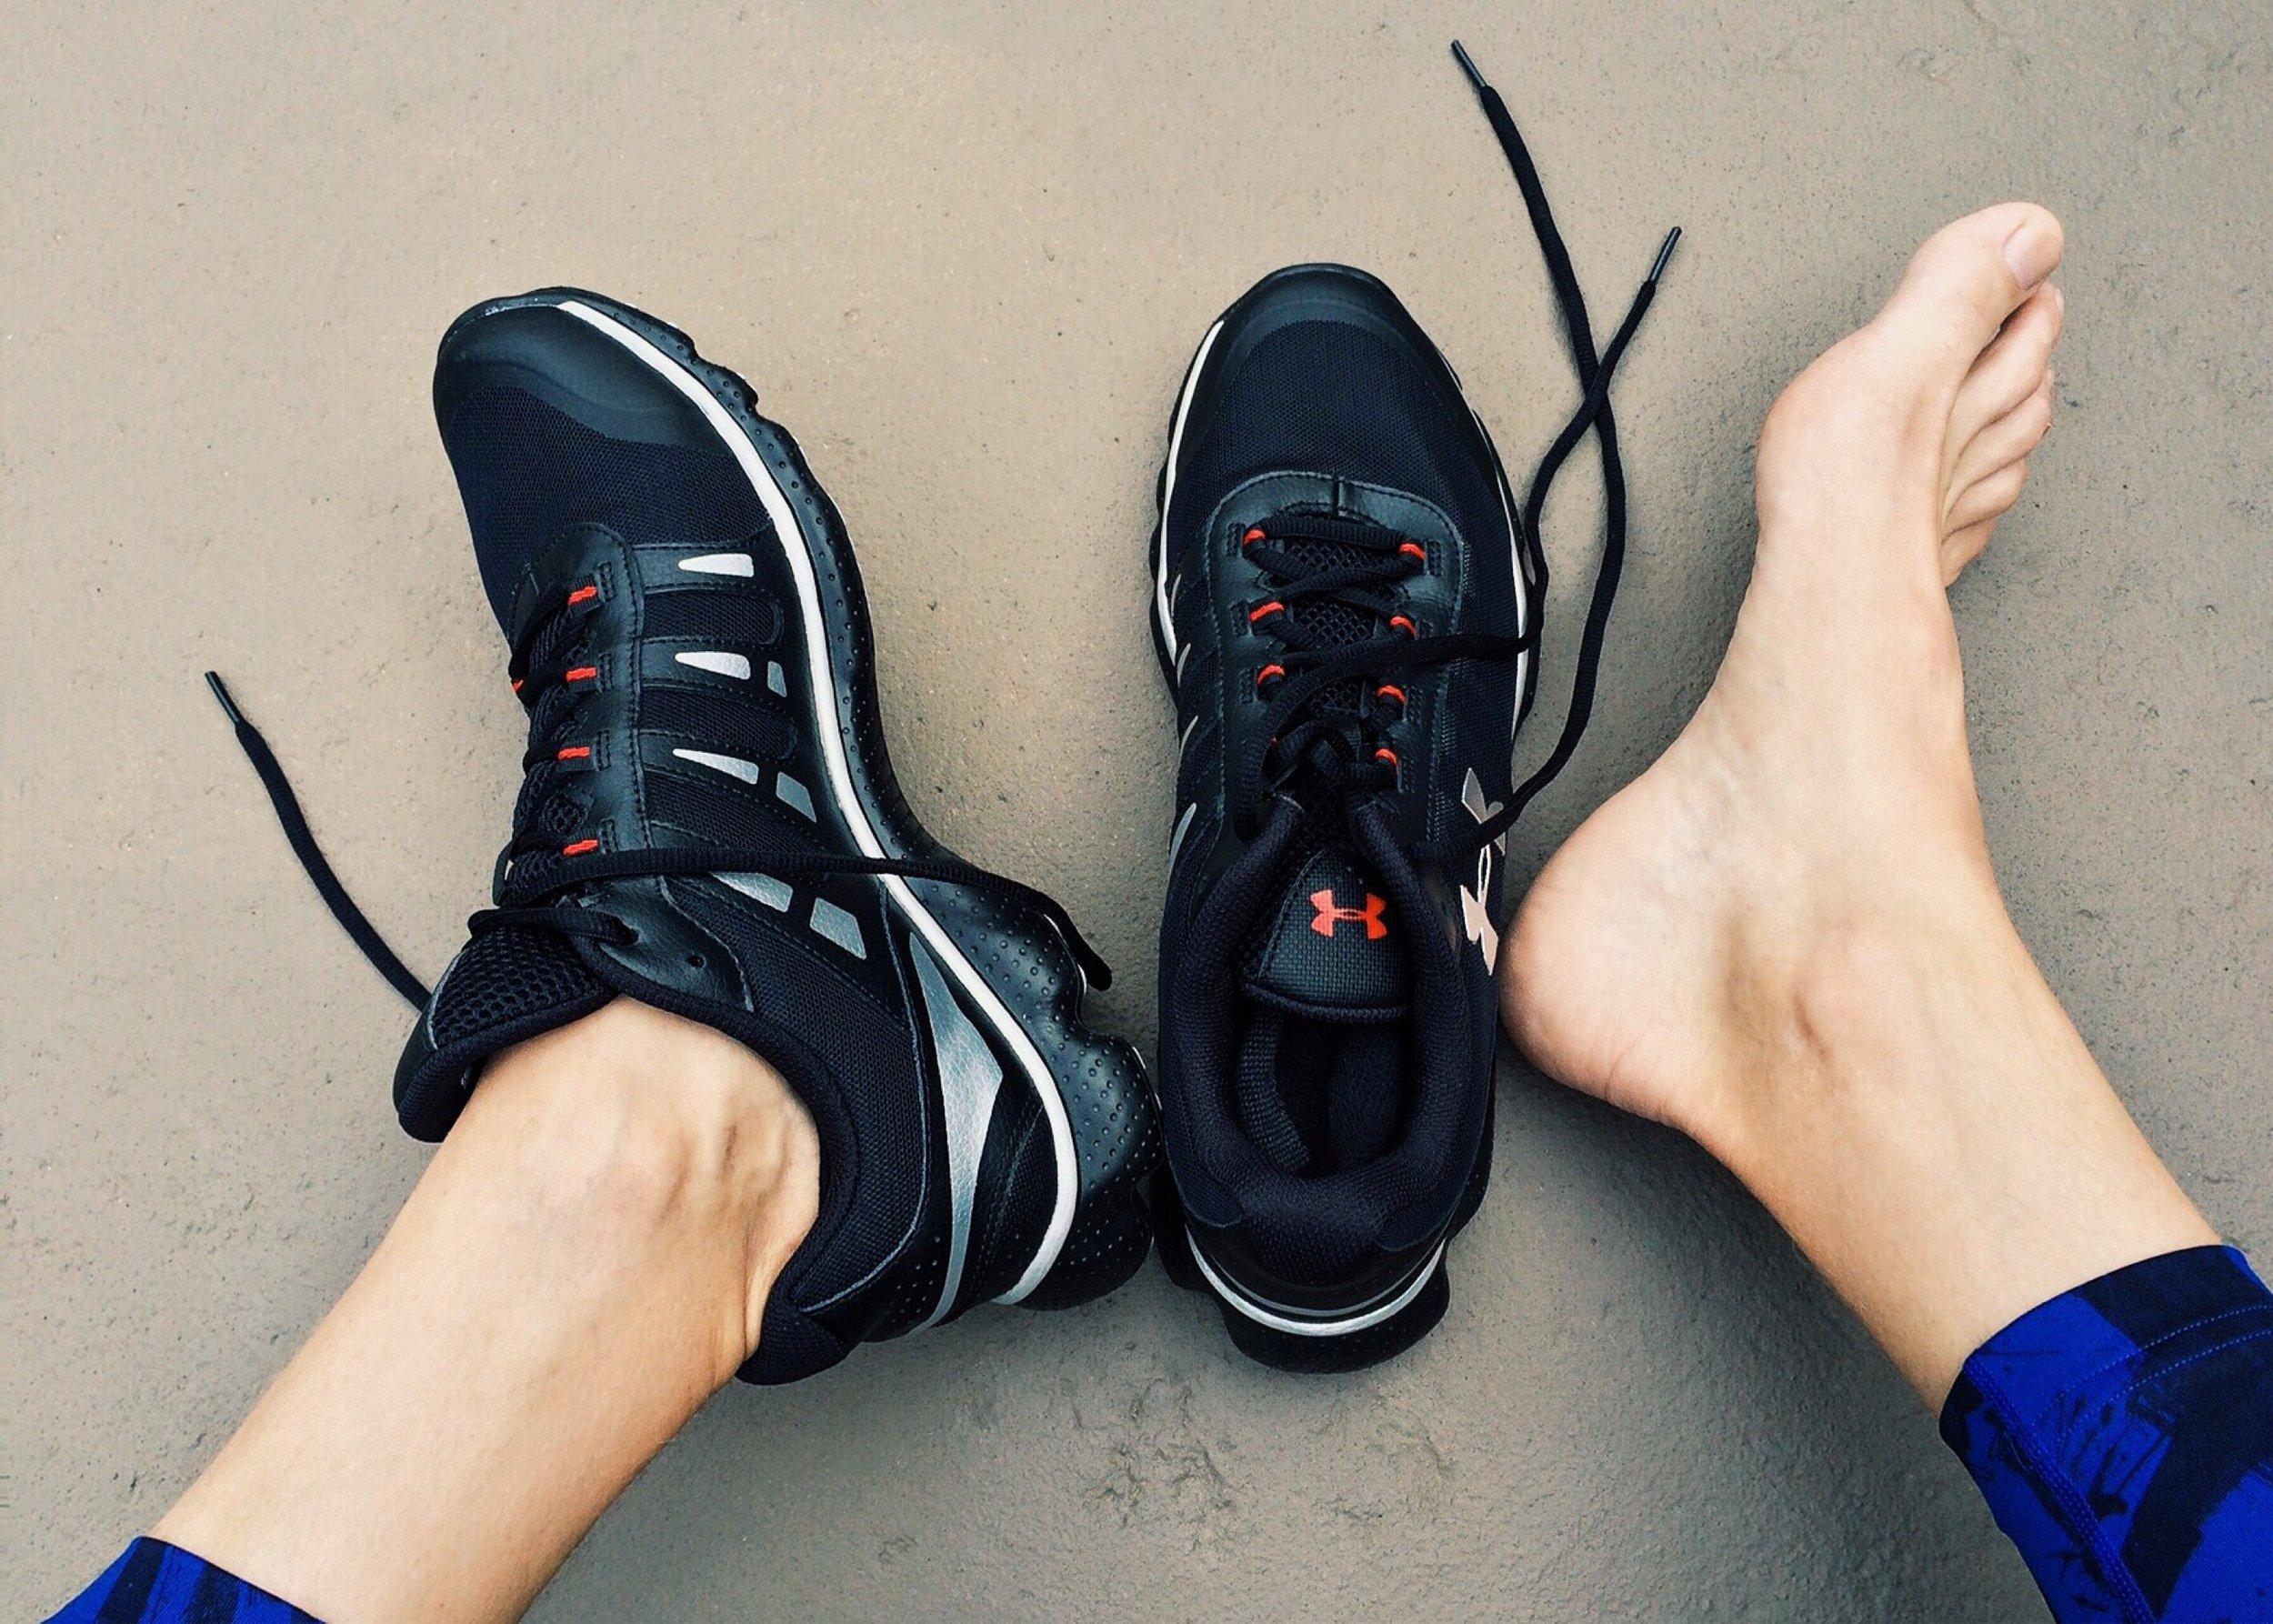 feet-footwear-sneakers-163535.jpg